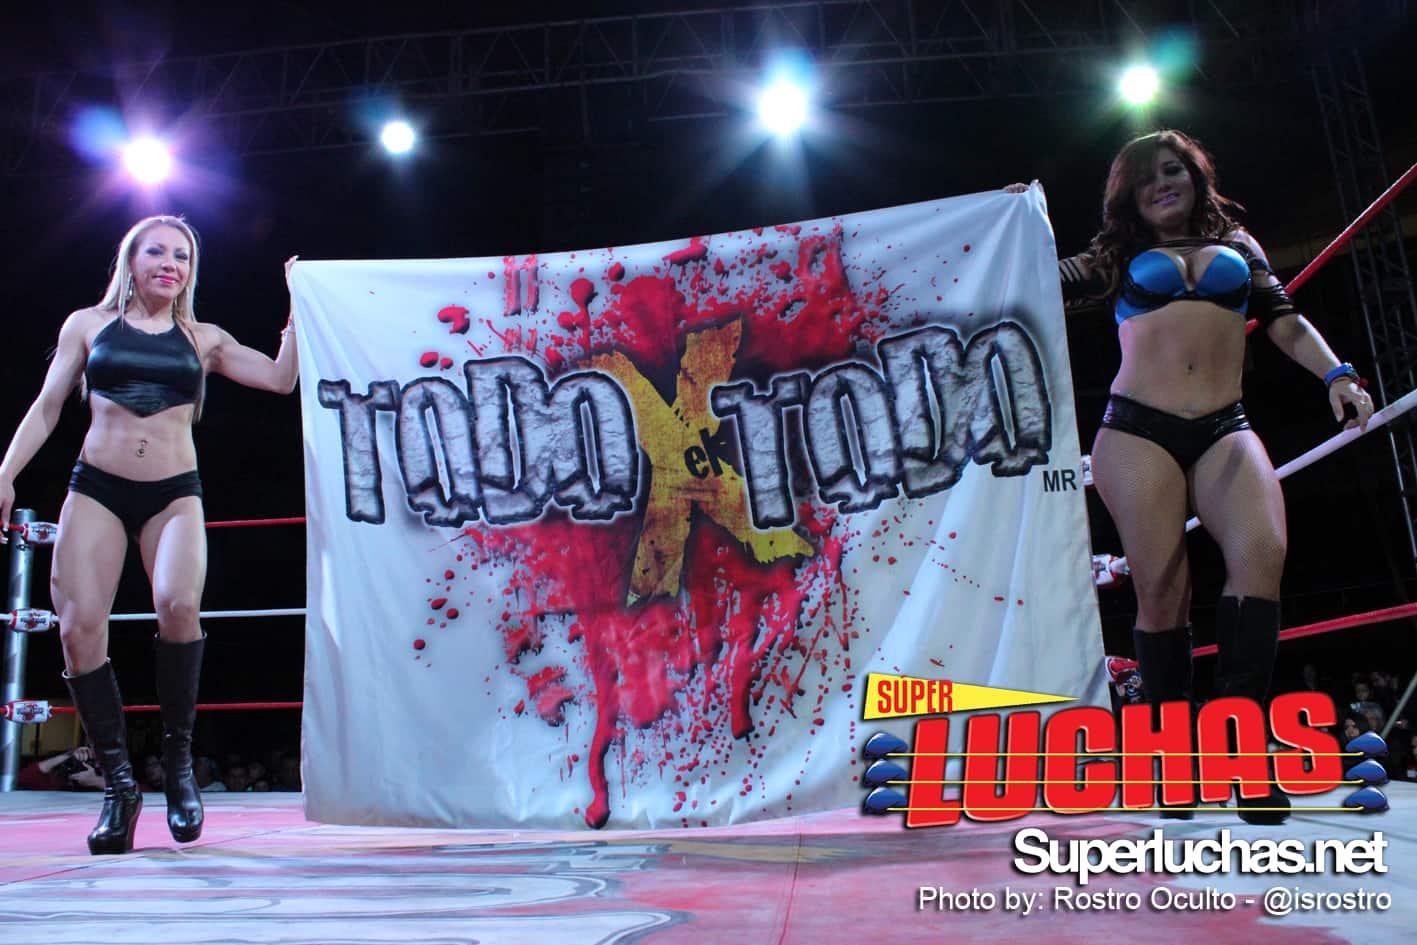 Bellas Edecanes sostienen el logo de Todo x El Todo (30/11/13) / Photo by: Rostro Oculto - @isrostro